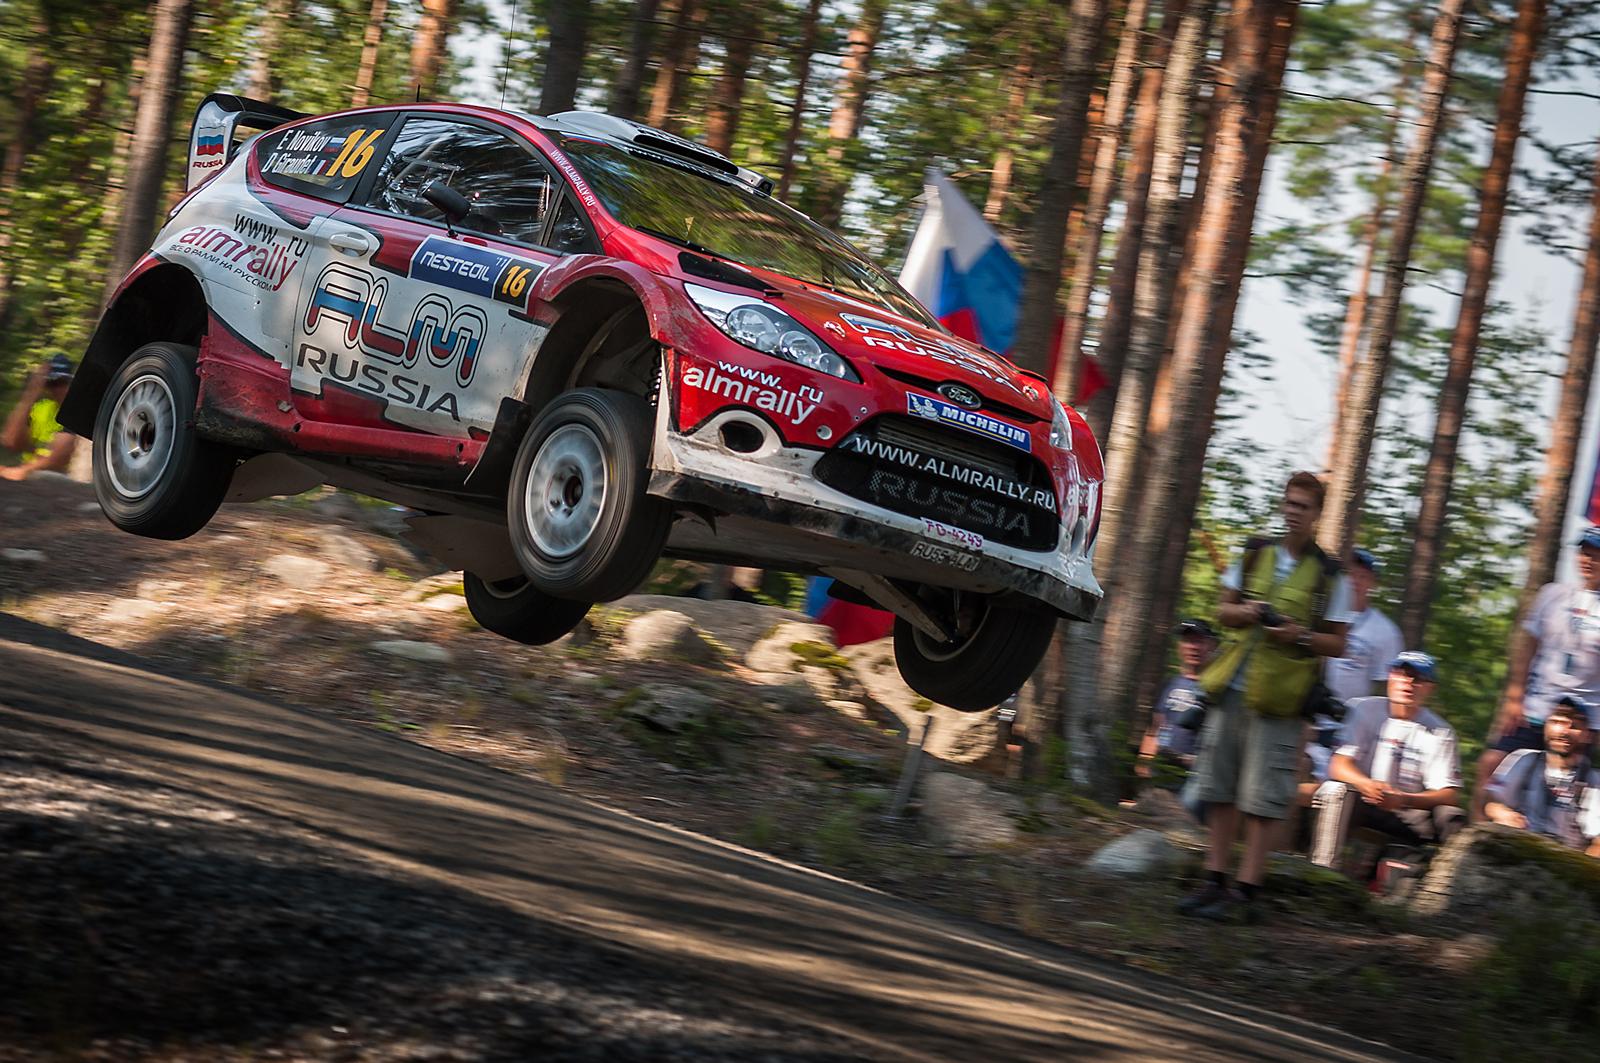 Neste Oil Rally Finland 2011 - Novikov / Giraudet...